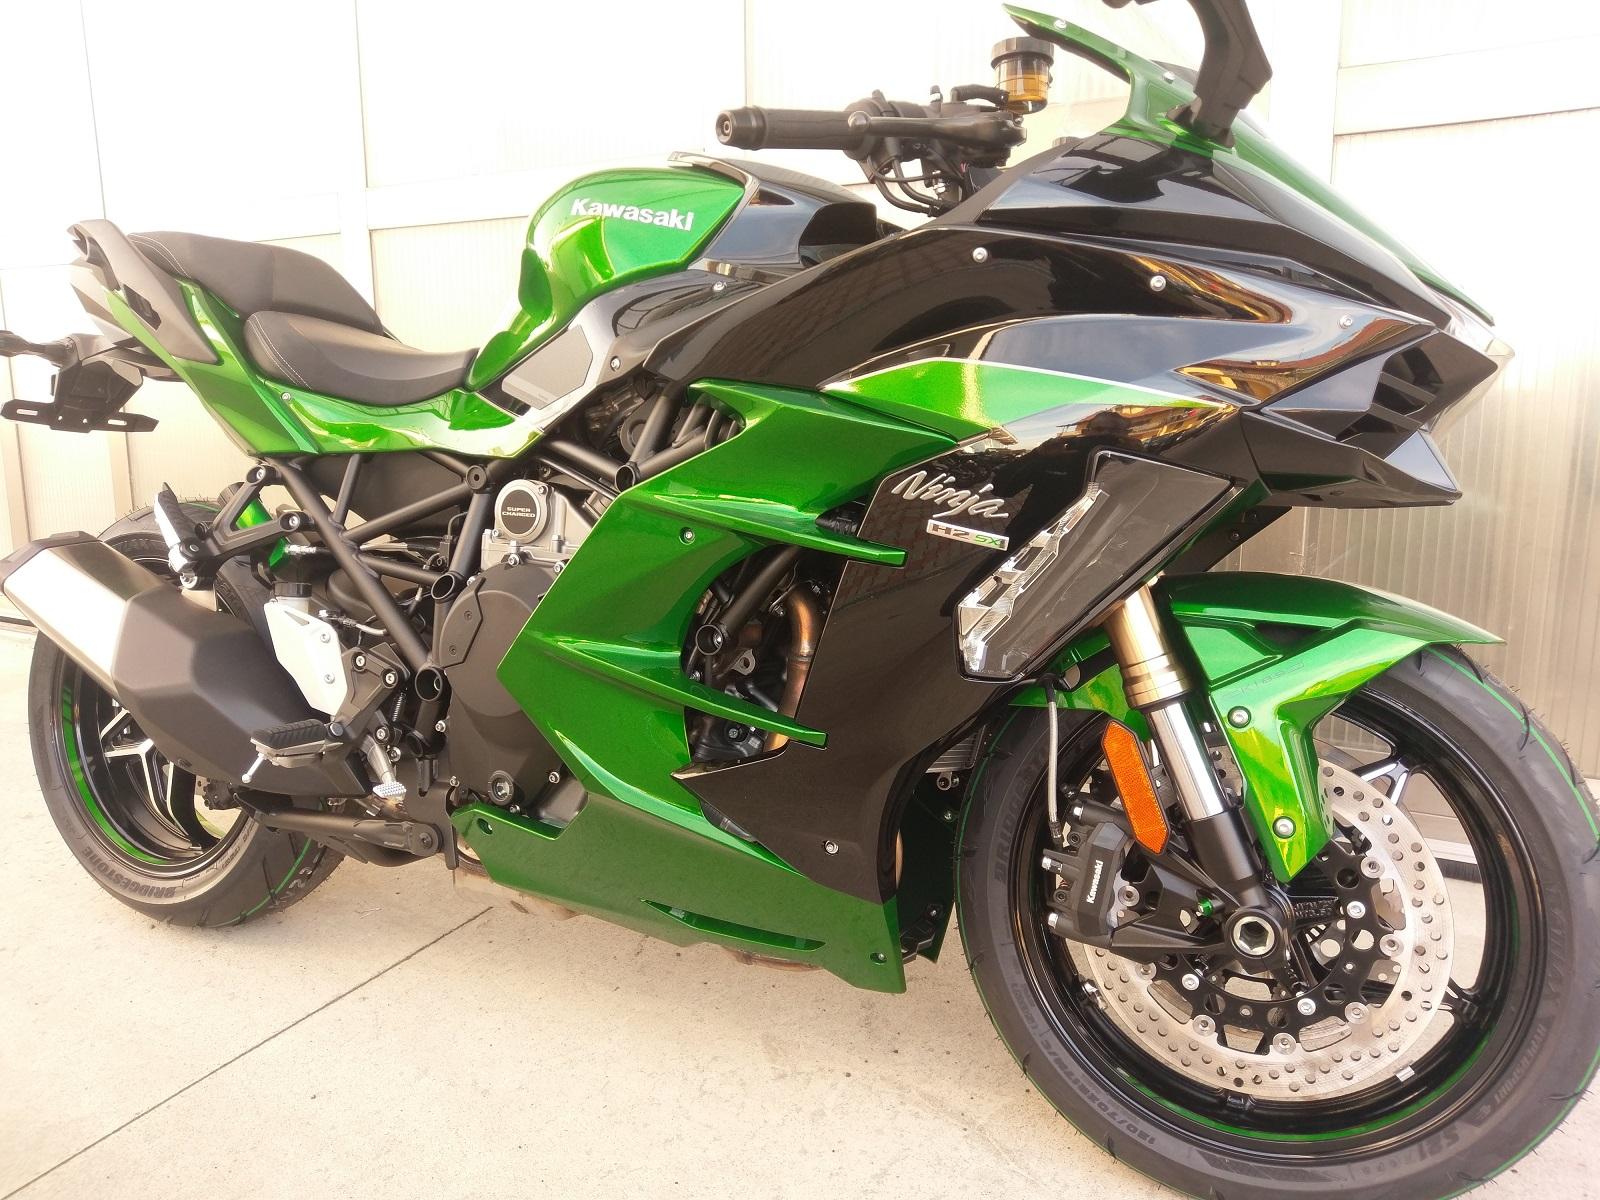 Kawasaki H2 Sx SE Ninja